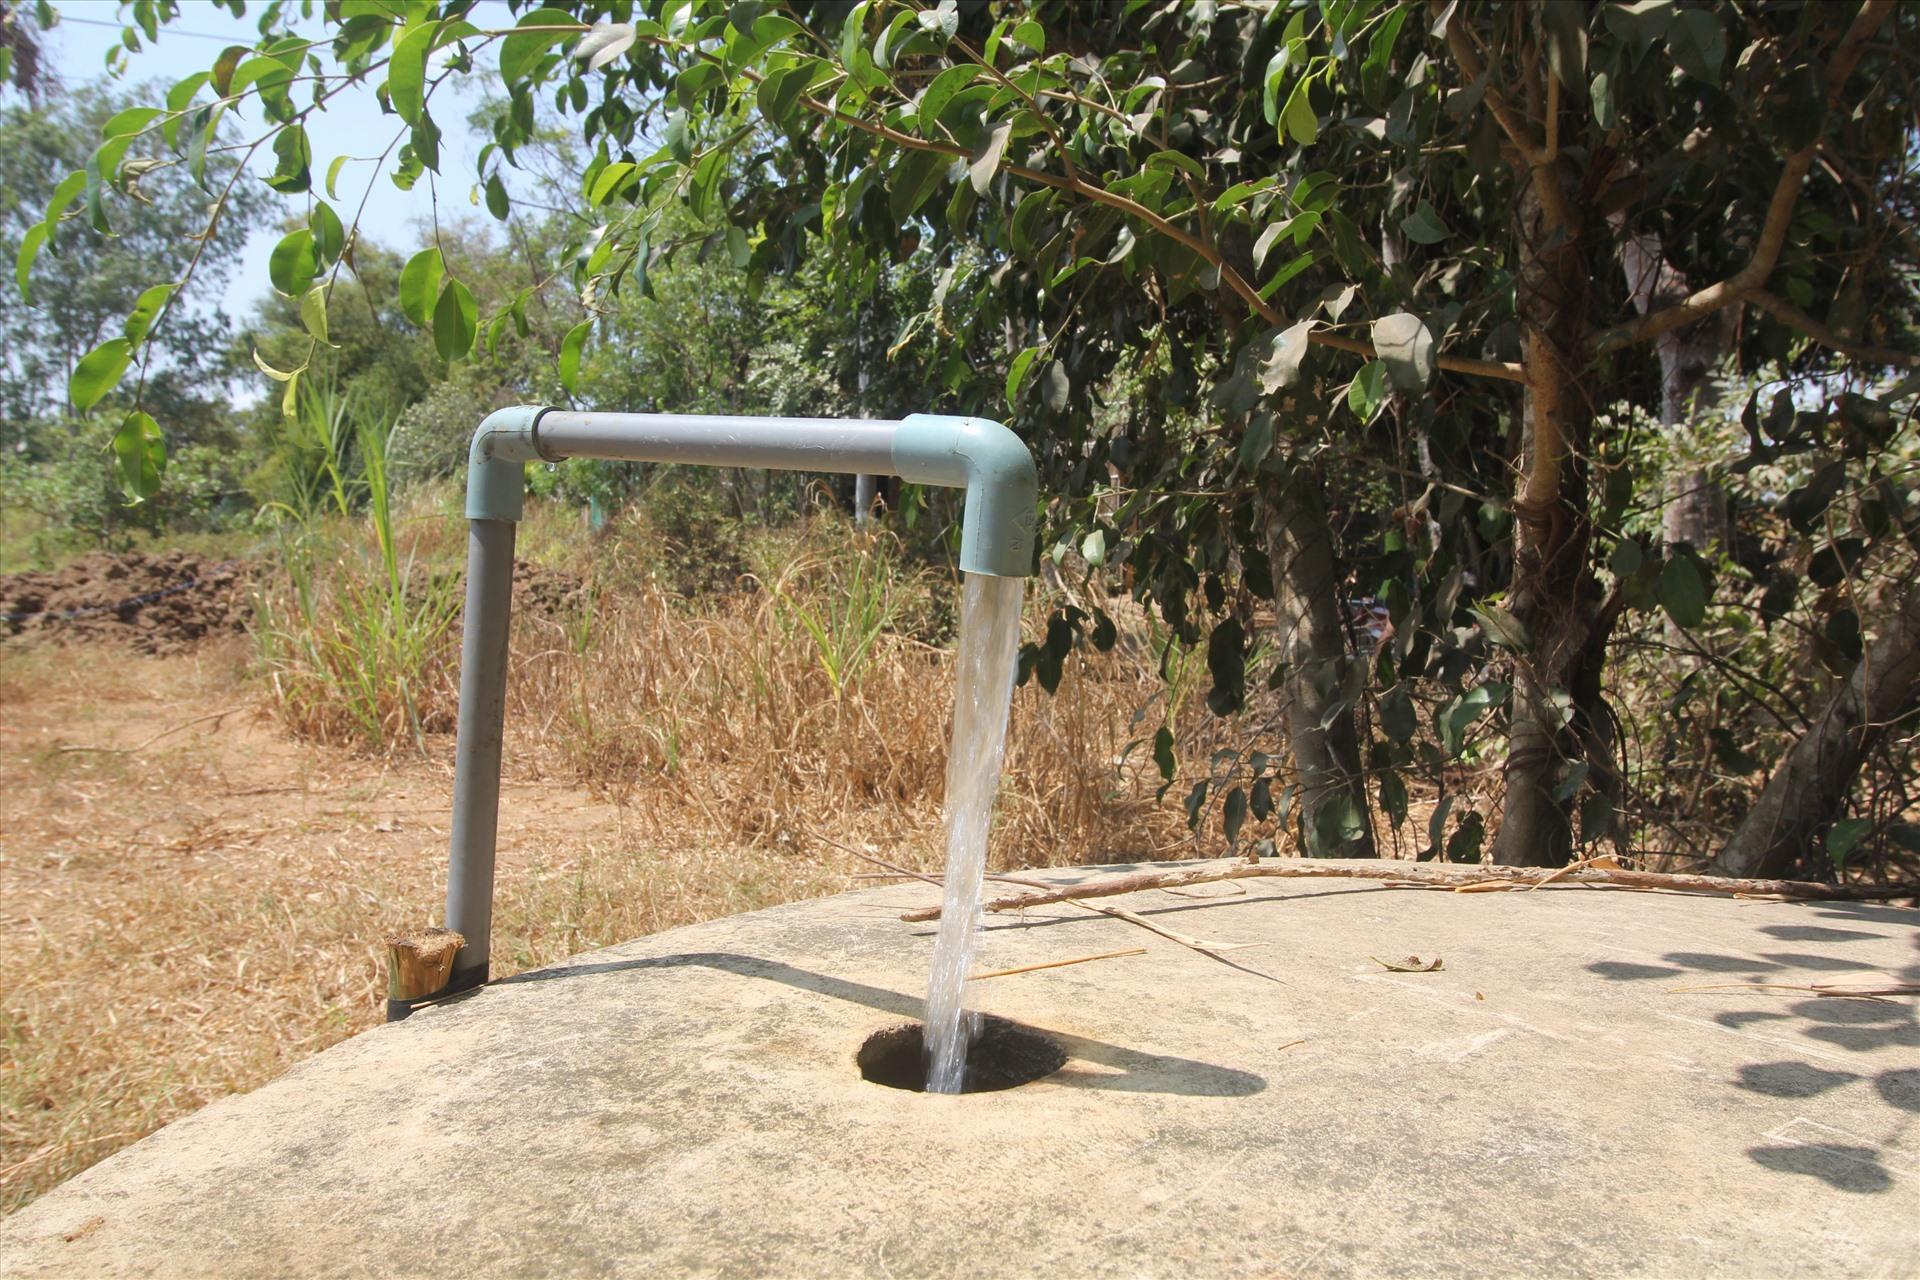 Các phương tiện bơm và trữ nước. Ảnh: Tr.L